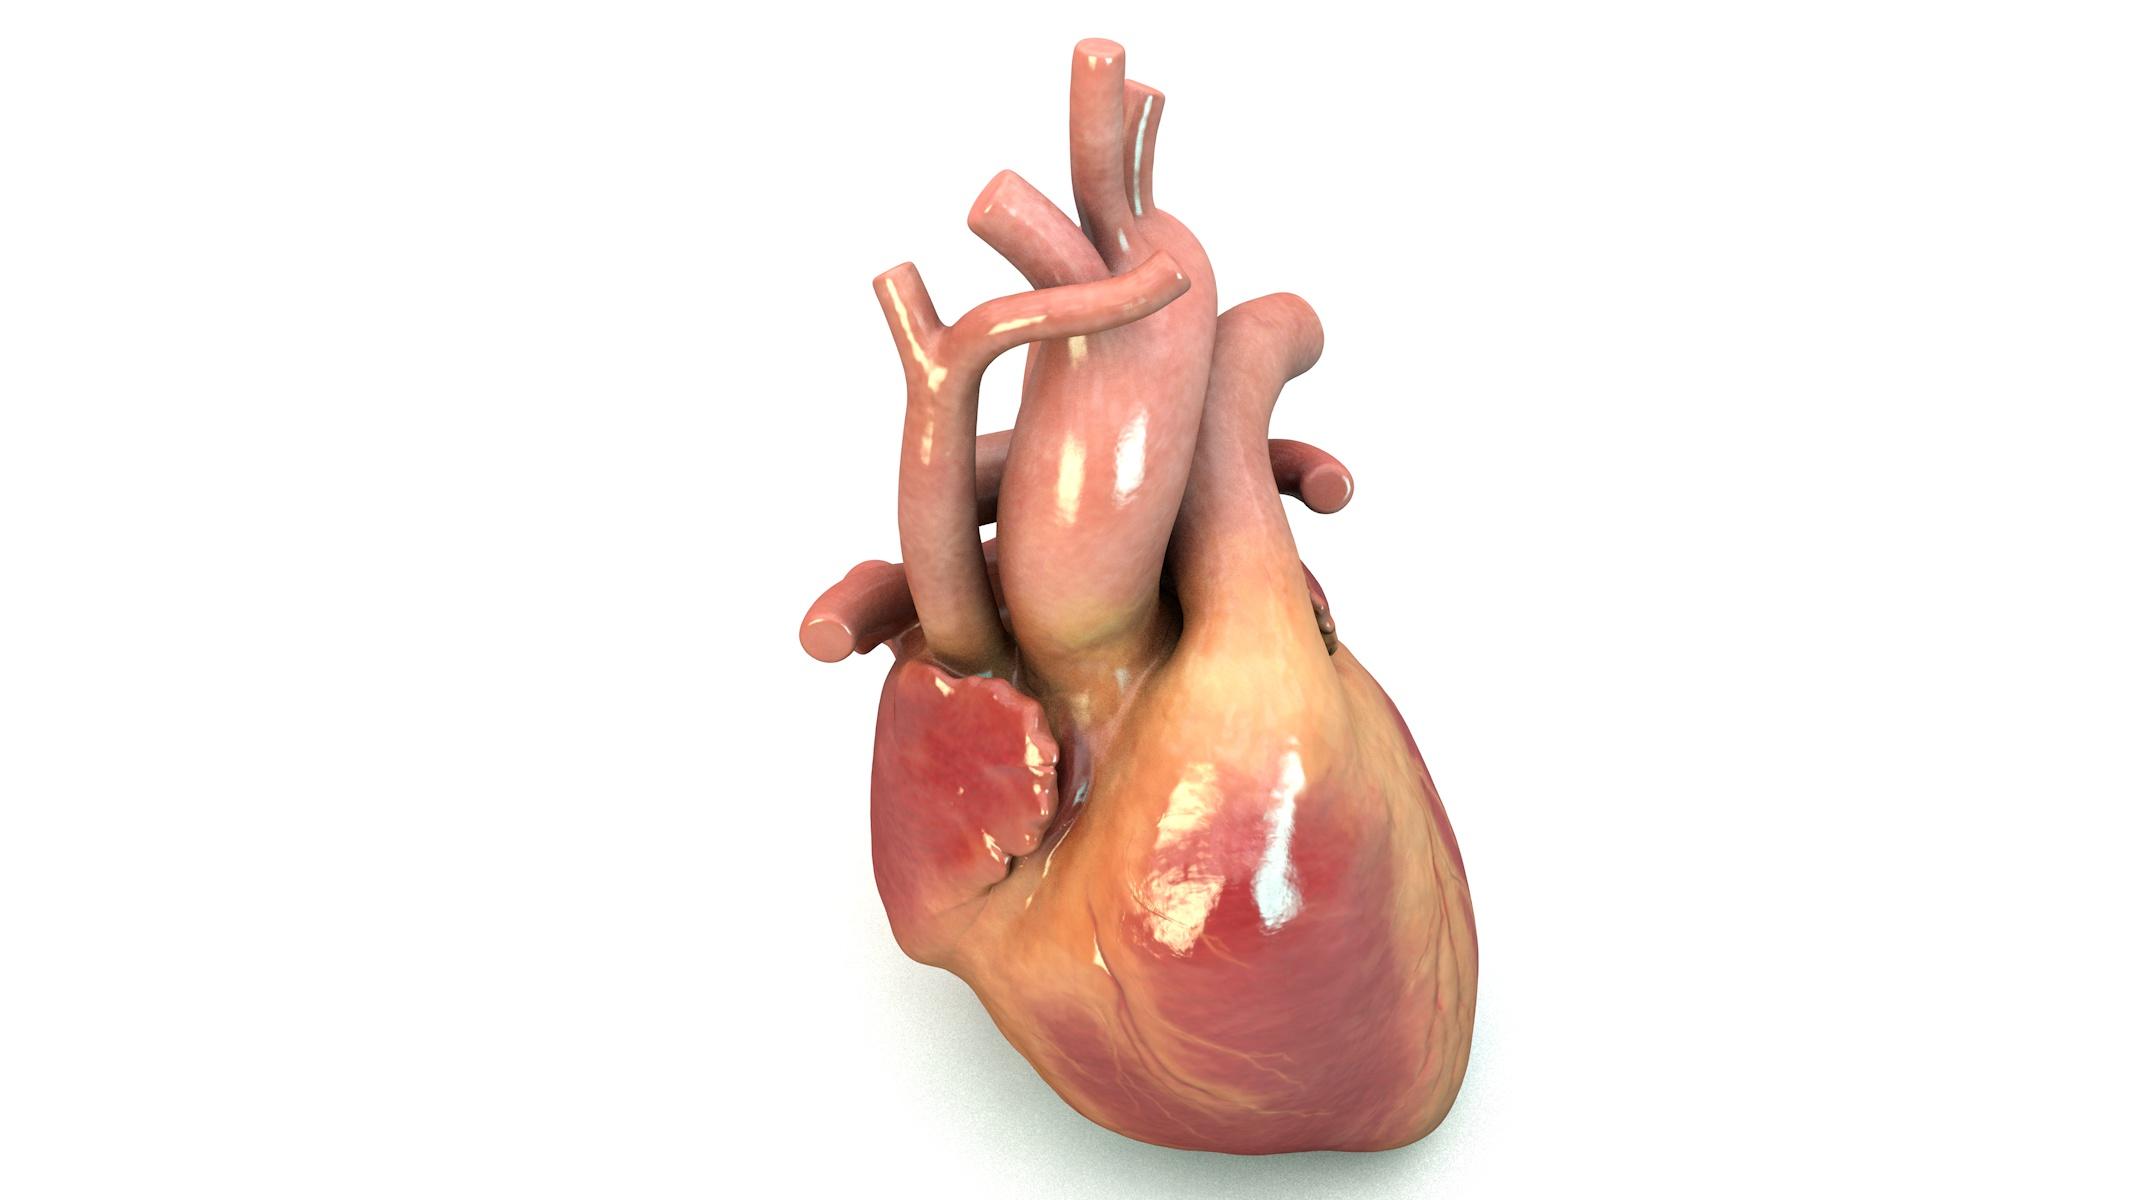 HeartModel072618-ActionShot.jpg